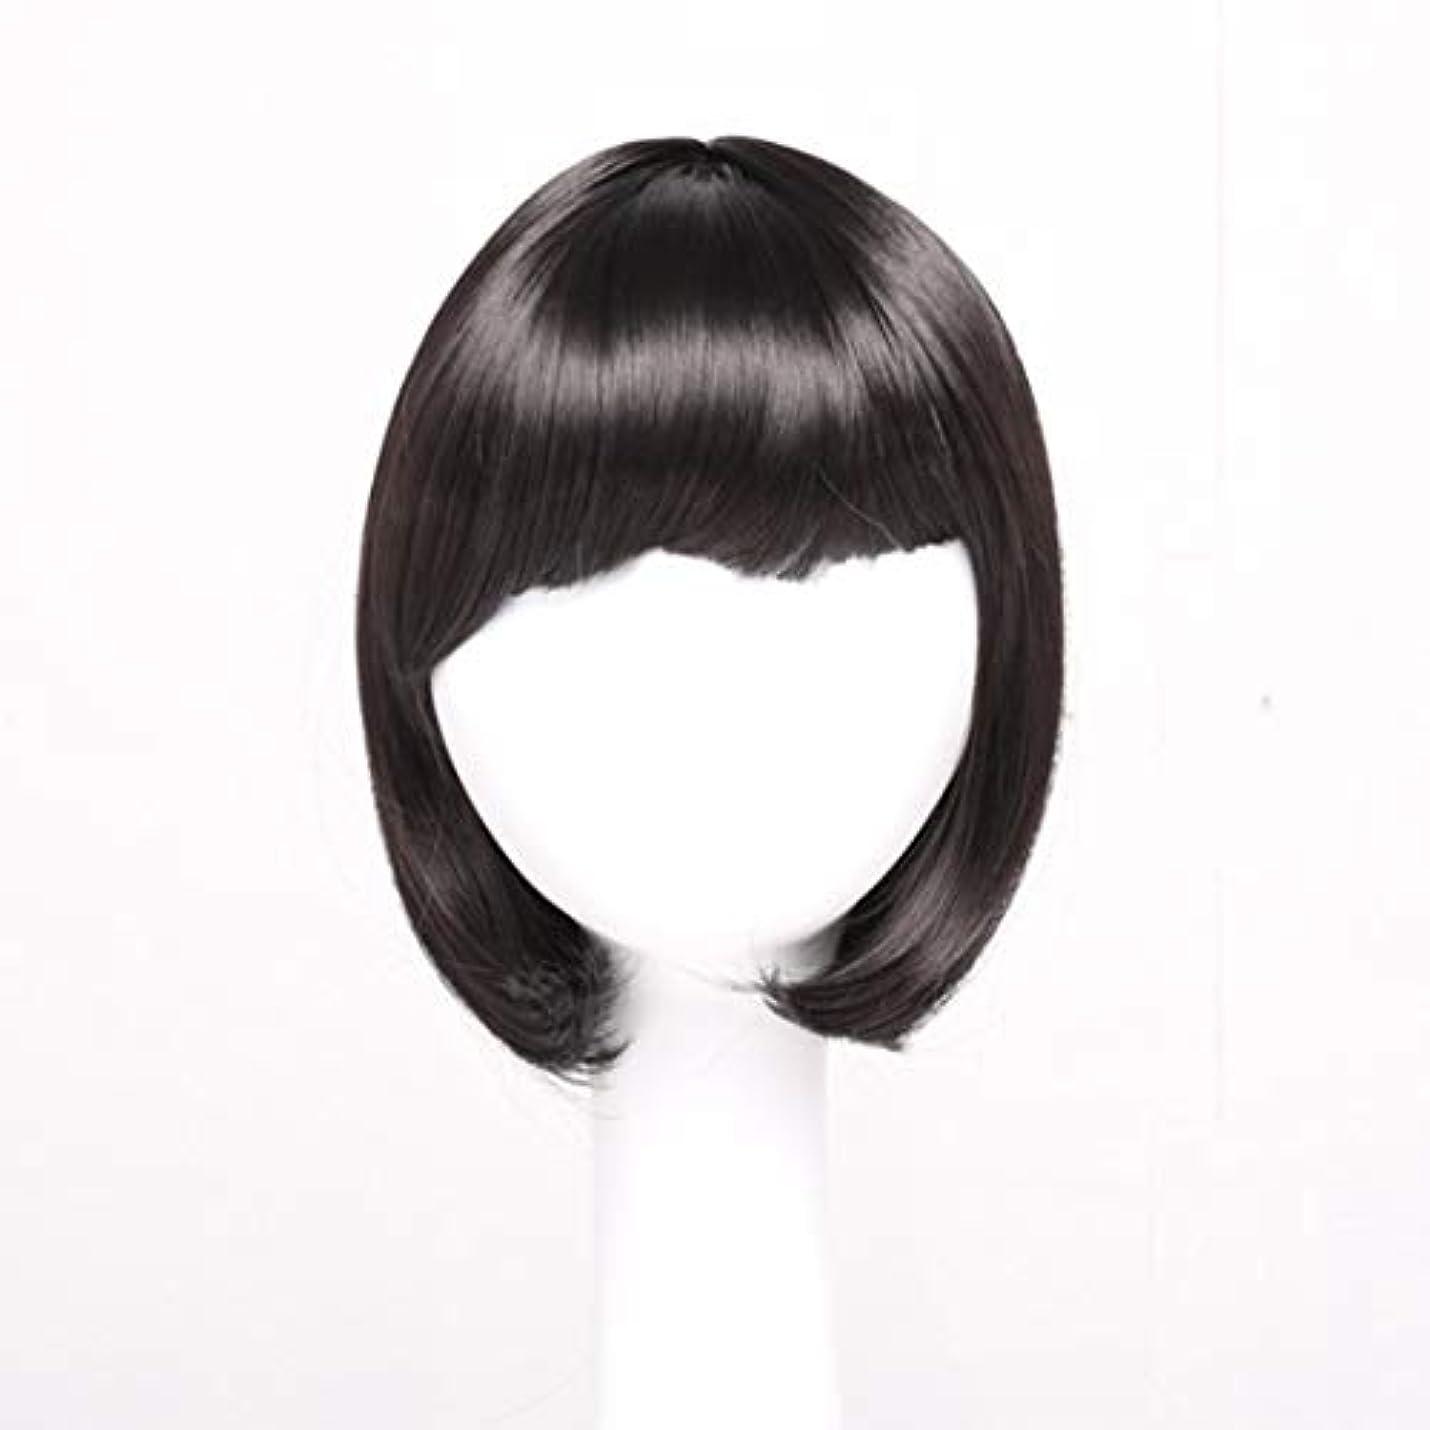 委任値する母性Kerwinner レディースブラックショートストレートヘアー前髪付き前髪ウェーブヘッドかつらセットヘッドギア (Color : Navy brown)